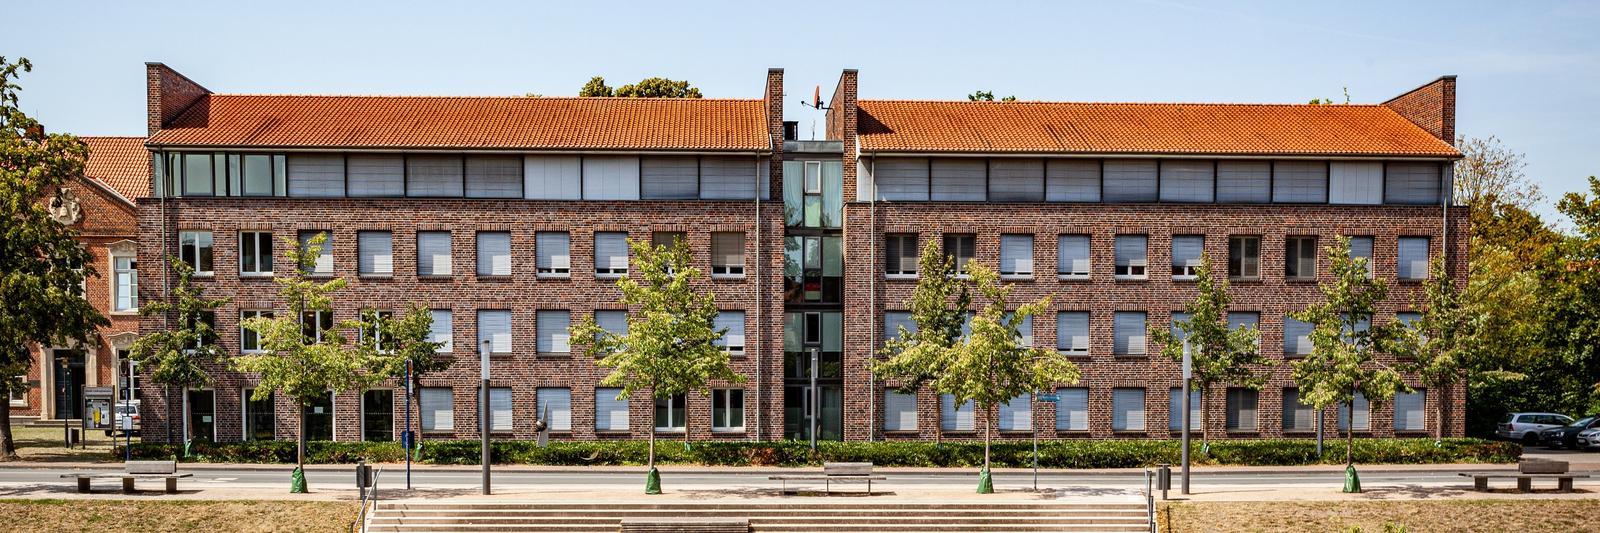 Rathaus-Neubau